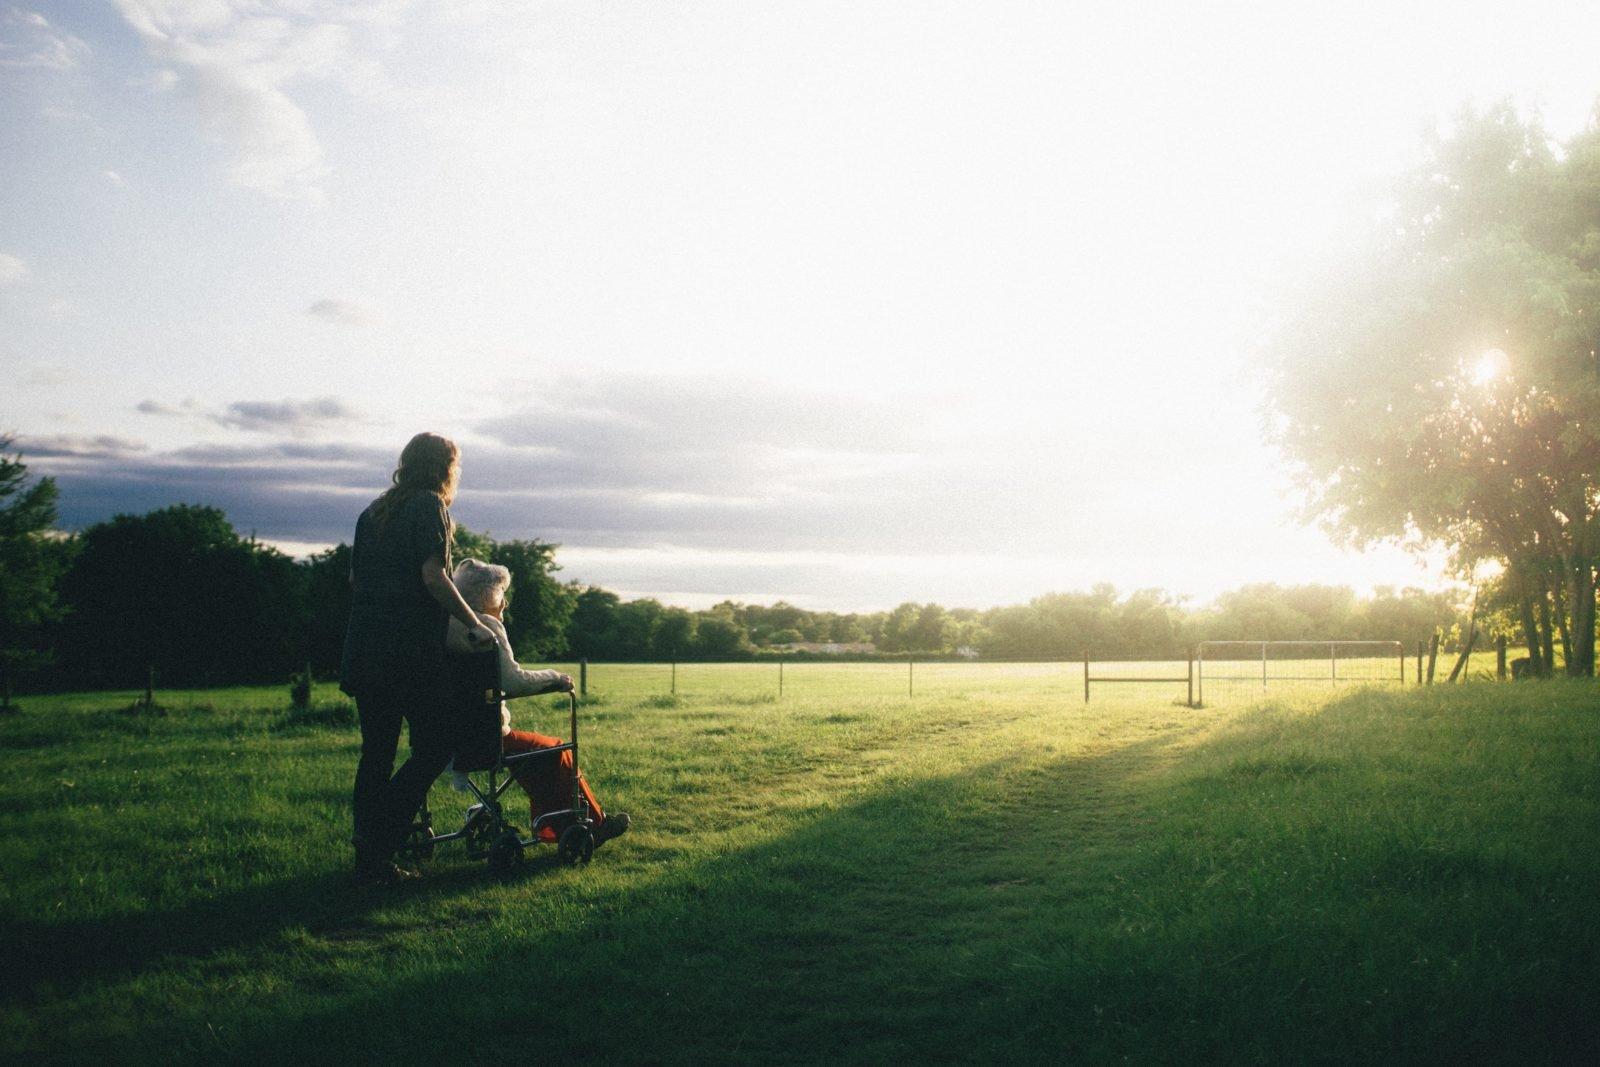 Zwei Menschen, von hinten fotografiert, auf einer grünen Wiese, eine Person im Rollstuhl, die andere dahinter - am Hoizont ist die wolkenbedeckte Sonne zu sehen.